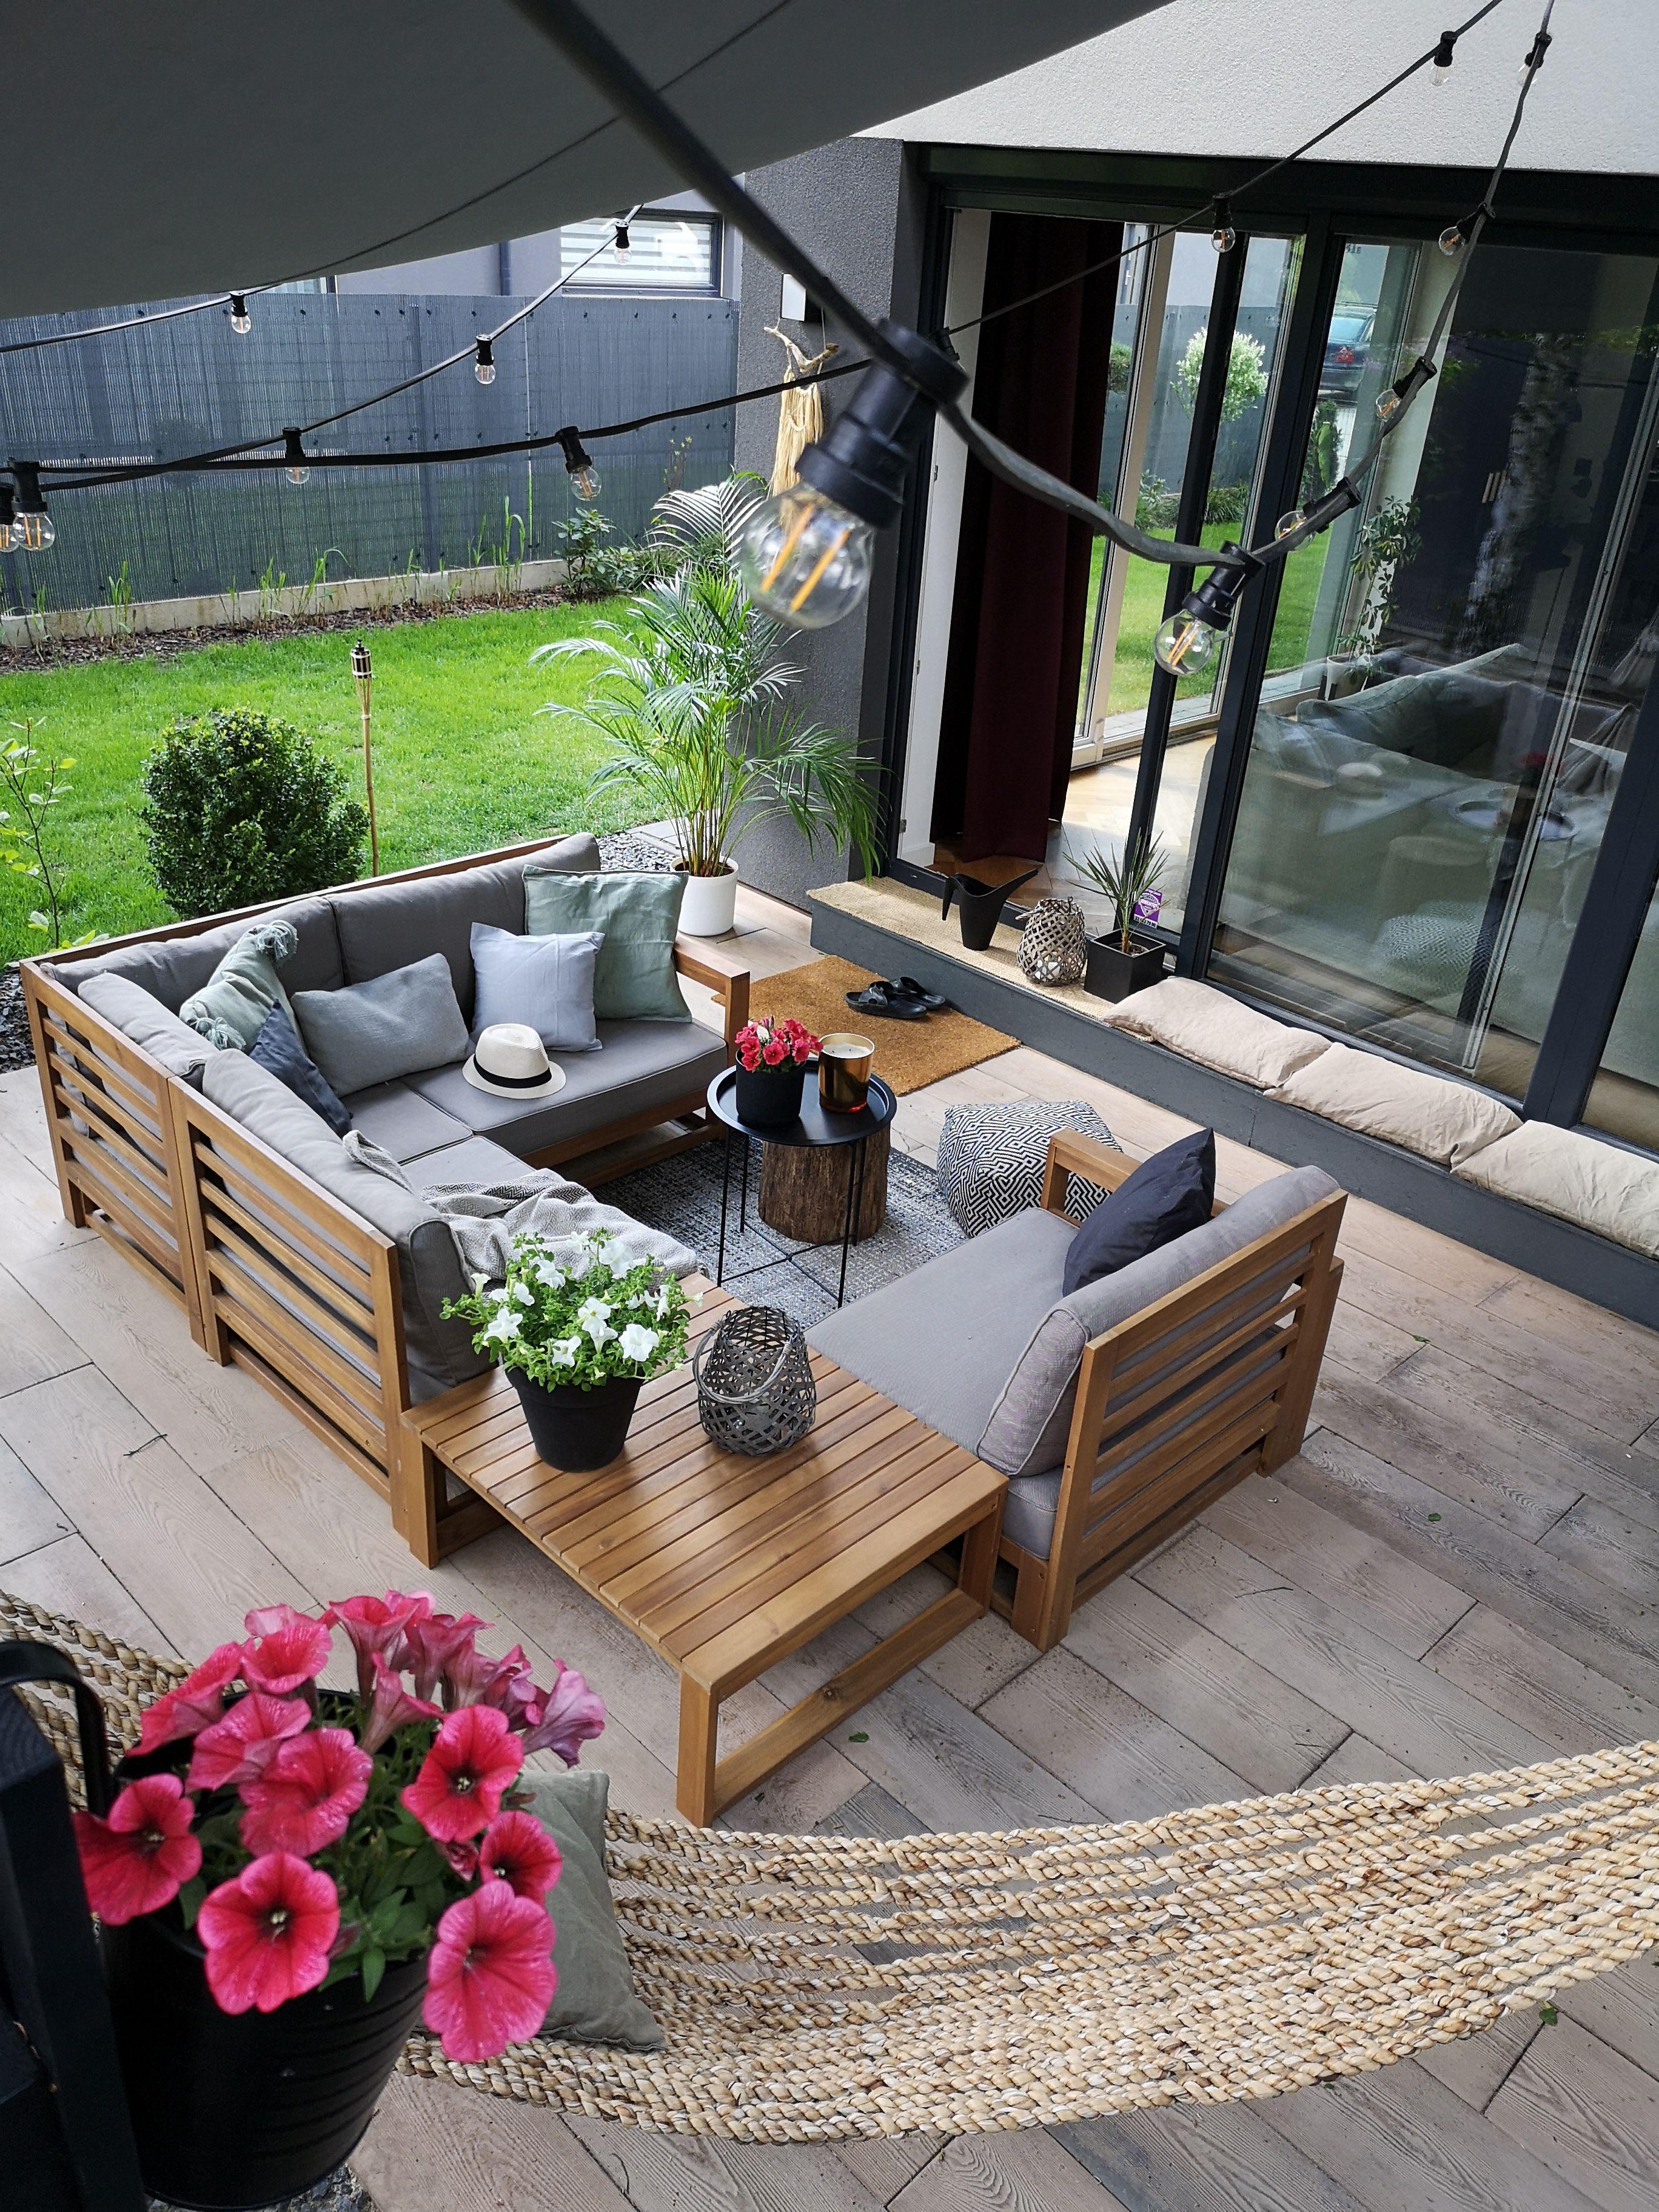 Exklusives Modernes Und Vielseitiges Gartenset Aus Wunderschonem Akazienhartholz Garten Lounge Set Loungeecke Garten Loungemobel Garten